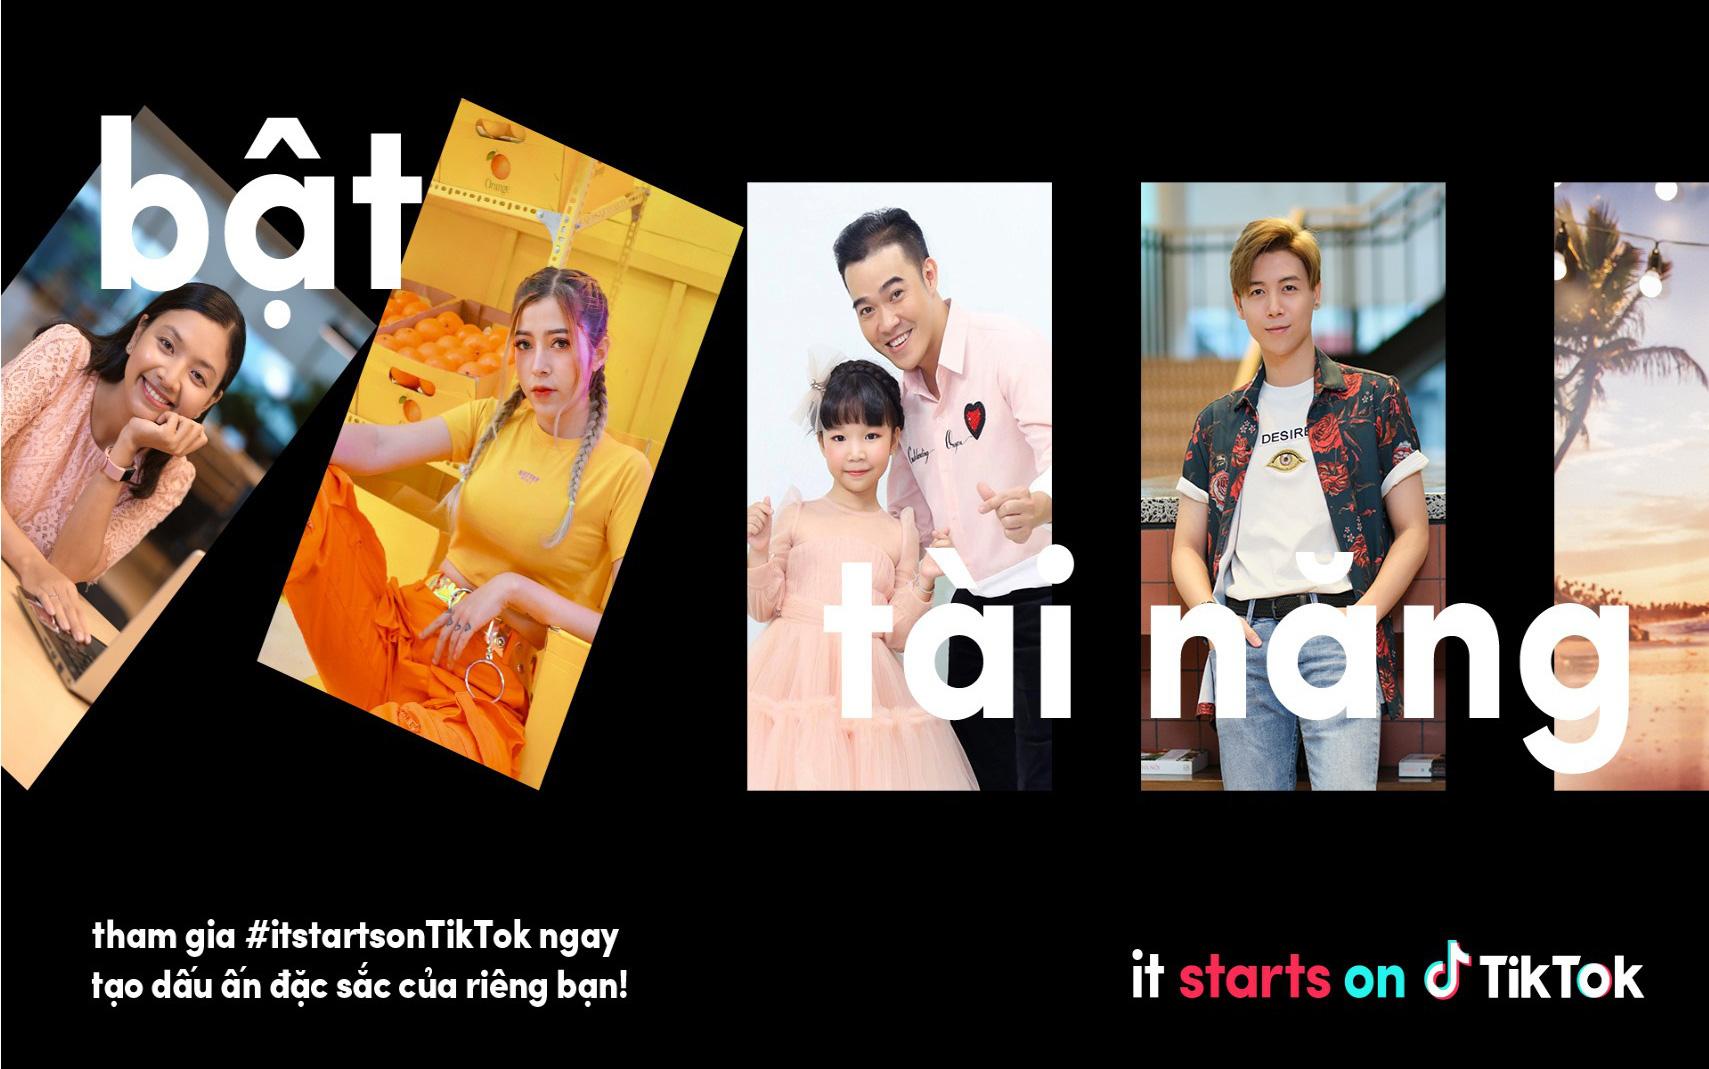 Sáng tạo cùng TikTok, nghệ sĩ Việt khiến người hâm mộ thích thú trước khoảnh khắc đời thường độc đáo